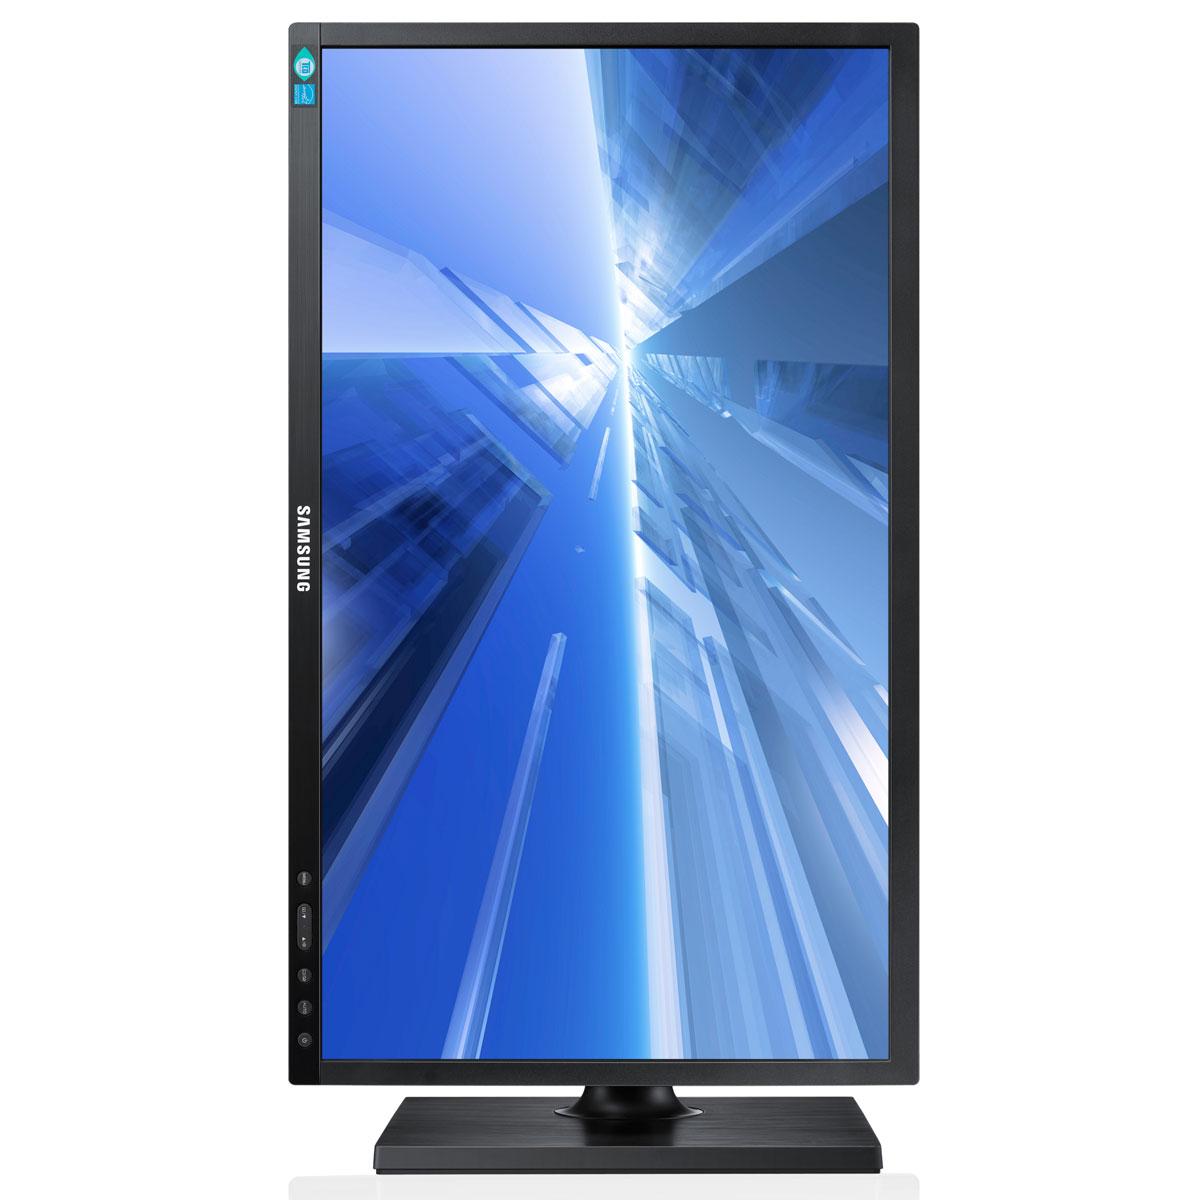 Samsung 24 led syncmaster s24c450mw ecran pc samsung for Ecran 24 ou 27